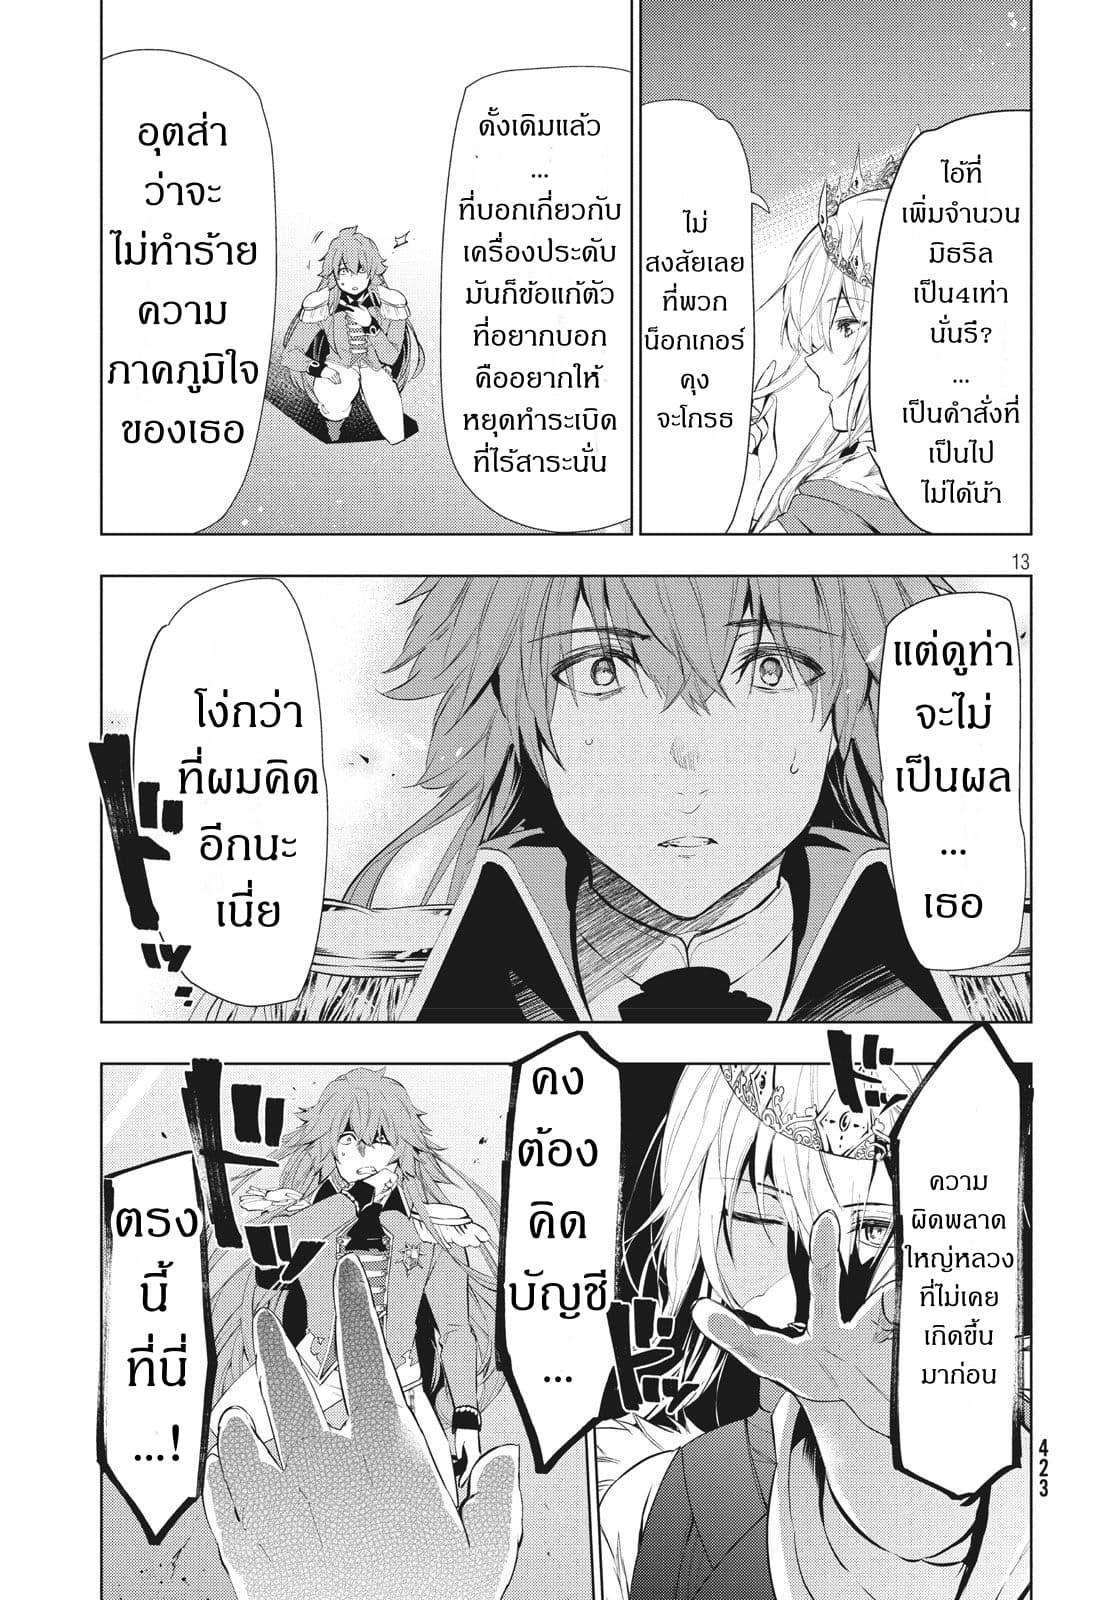 อ่านการ์ตูน Kaiko sareta Ankoku Heishi (30-dai) no Slow na Second ตอนที่ 7.1 หน้าที่ 12